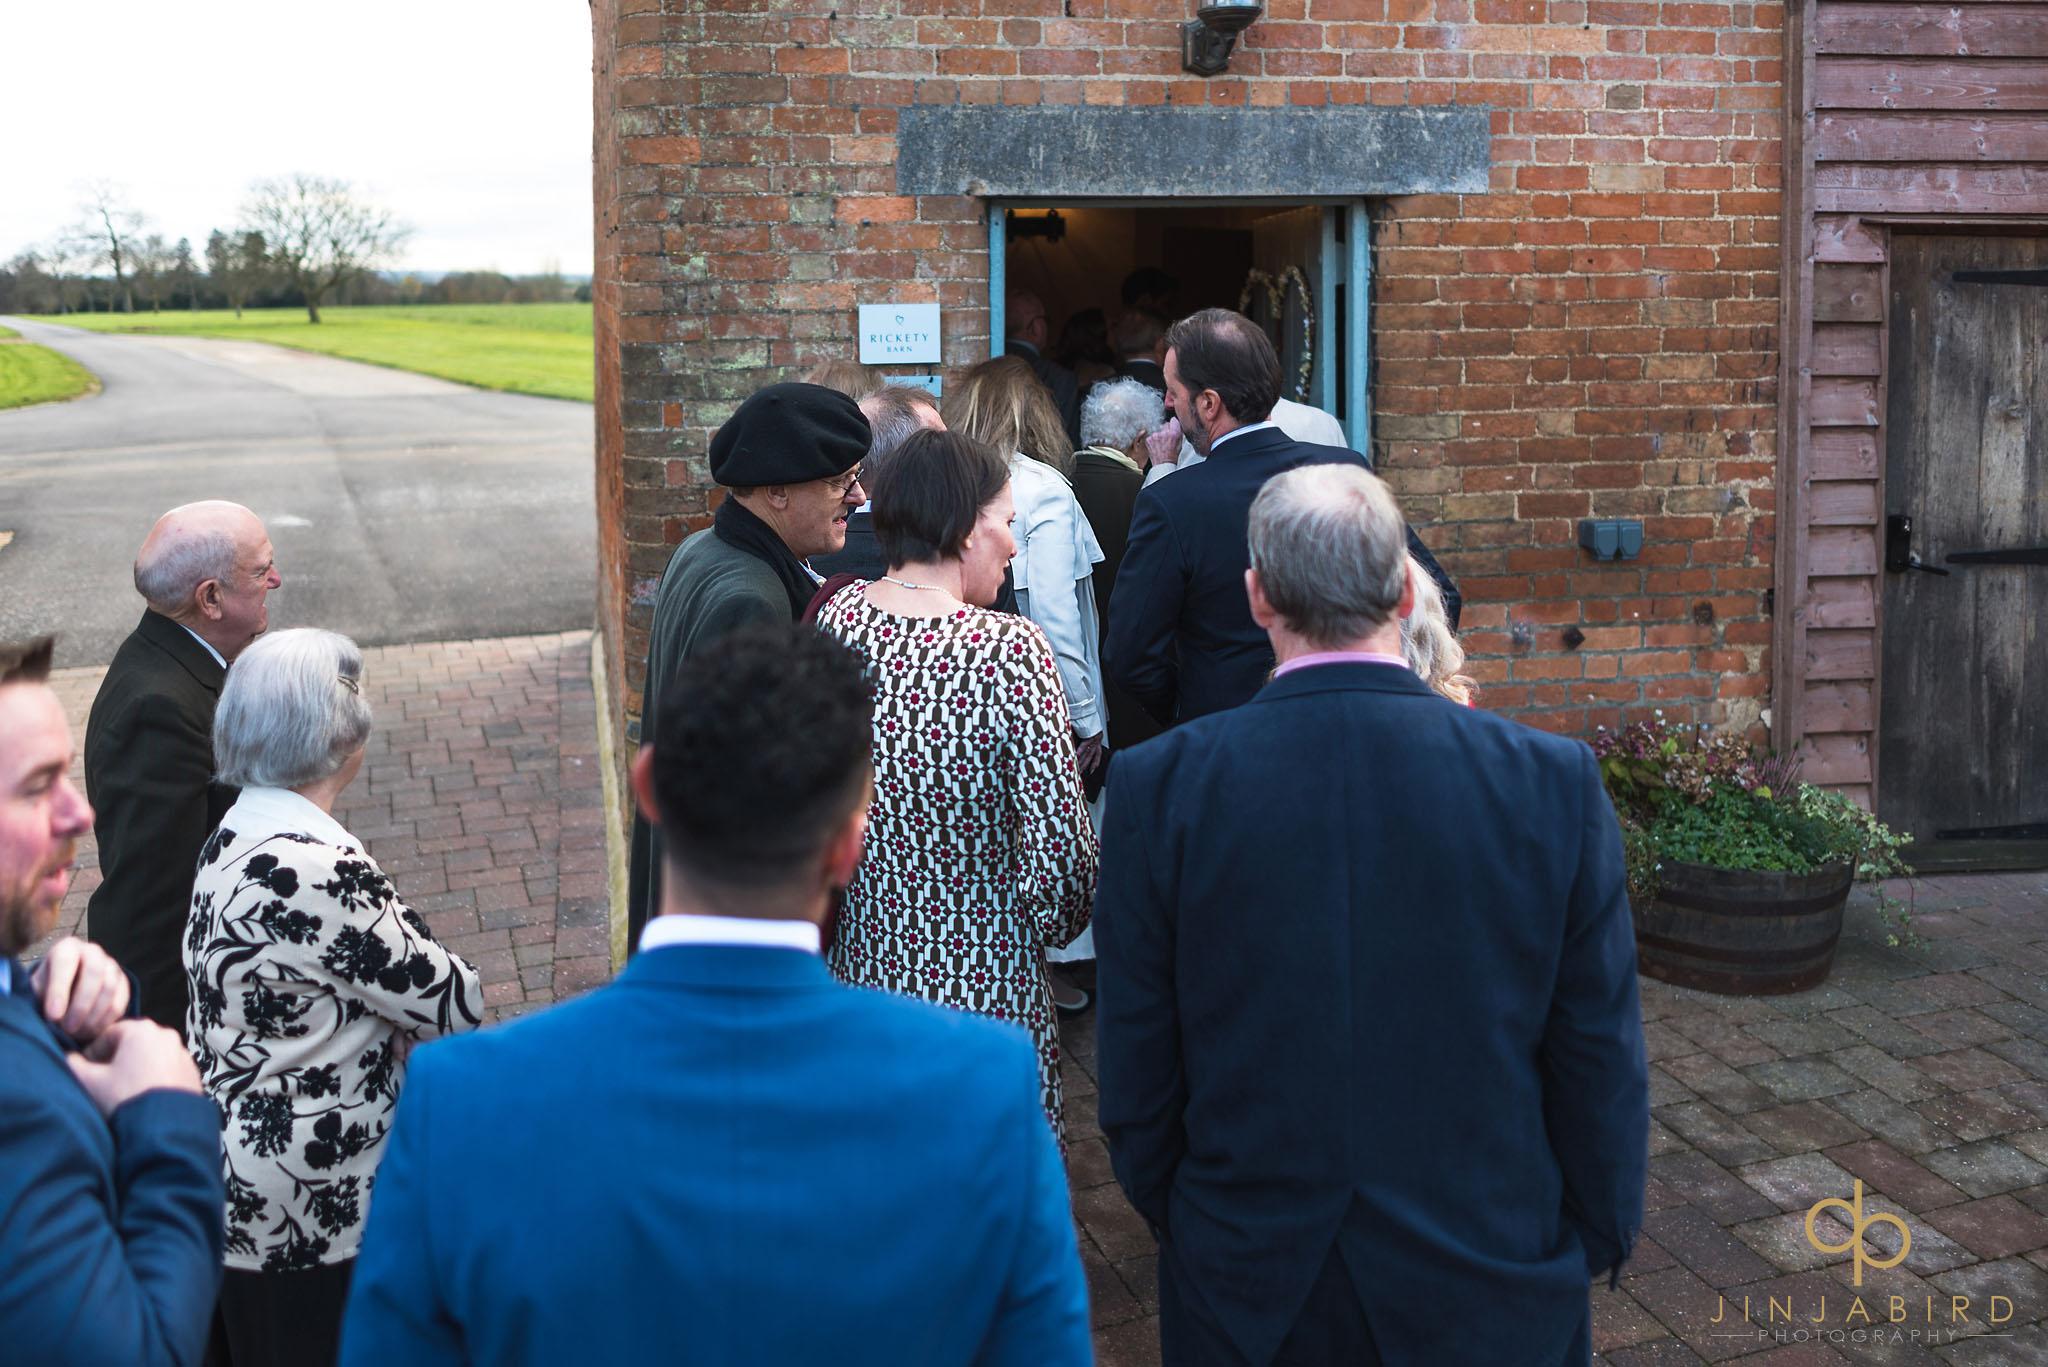 wedding guests entering ceremony